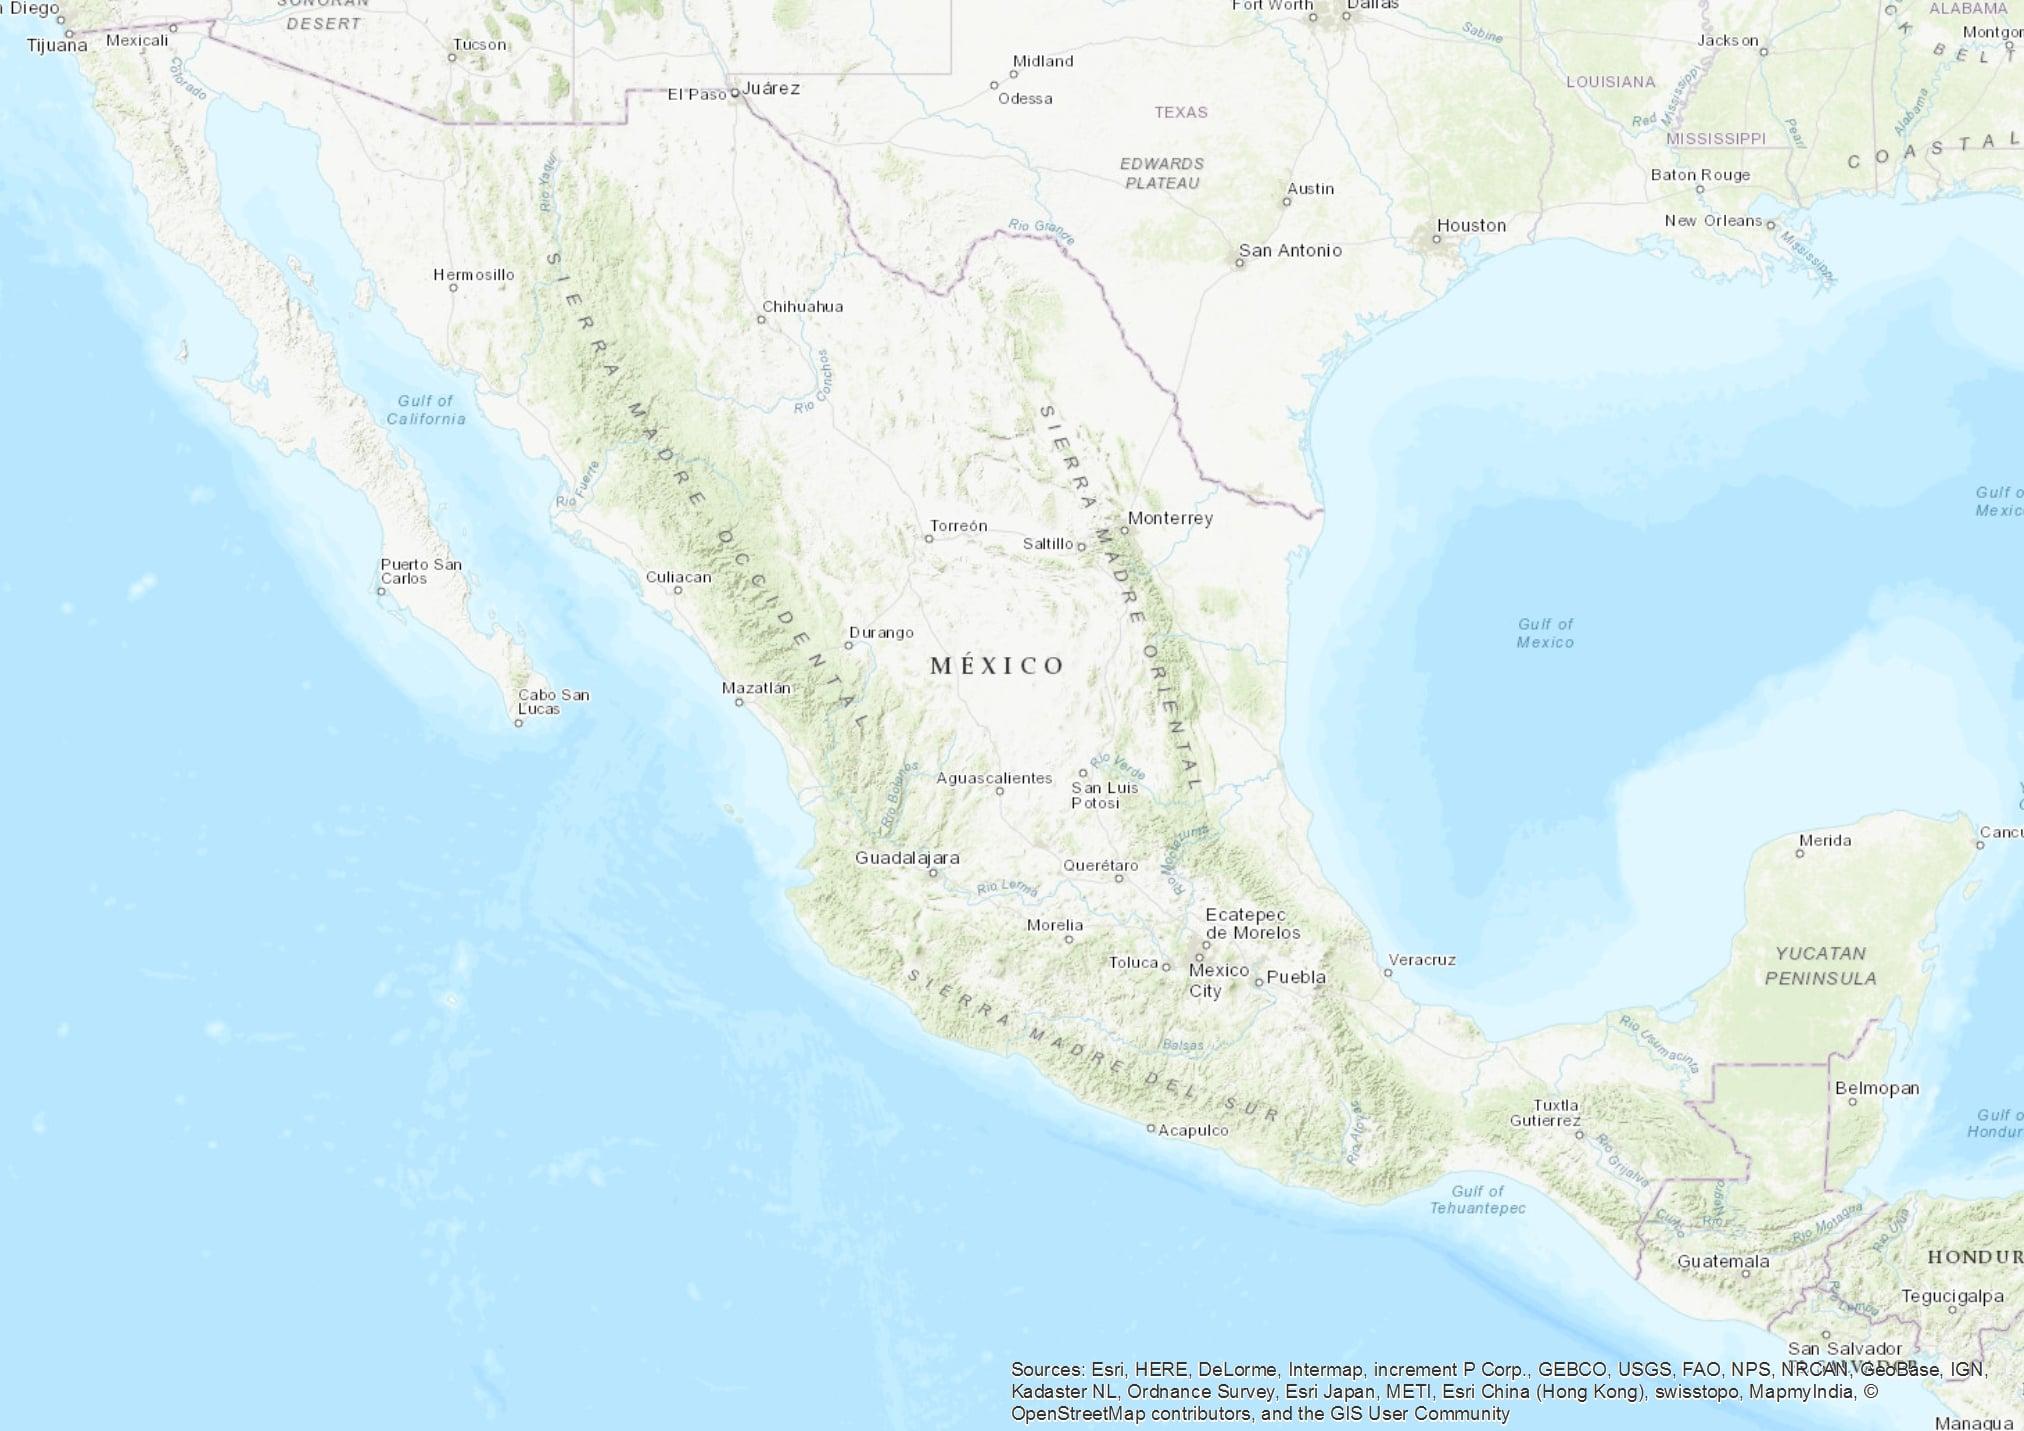 Topo-Mexico-ESRI